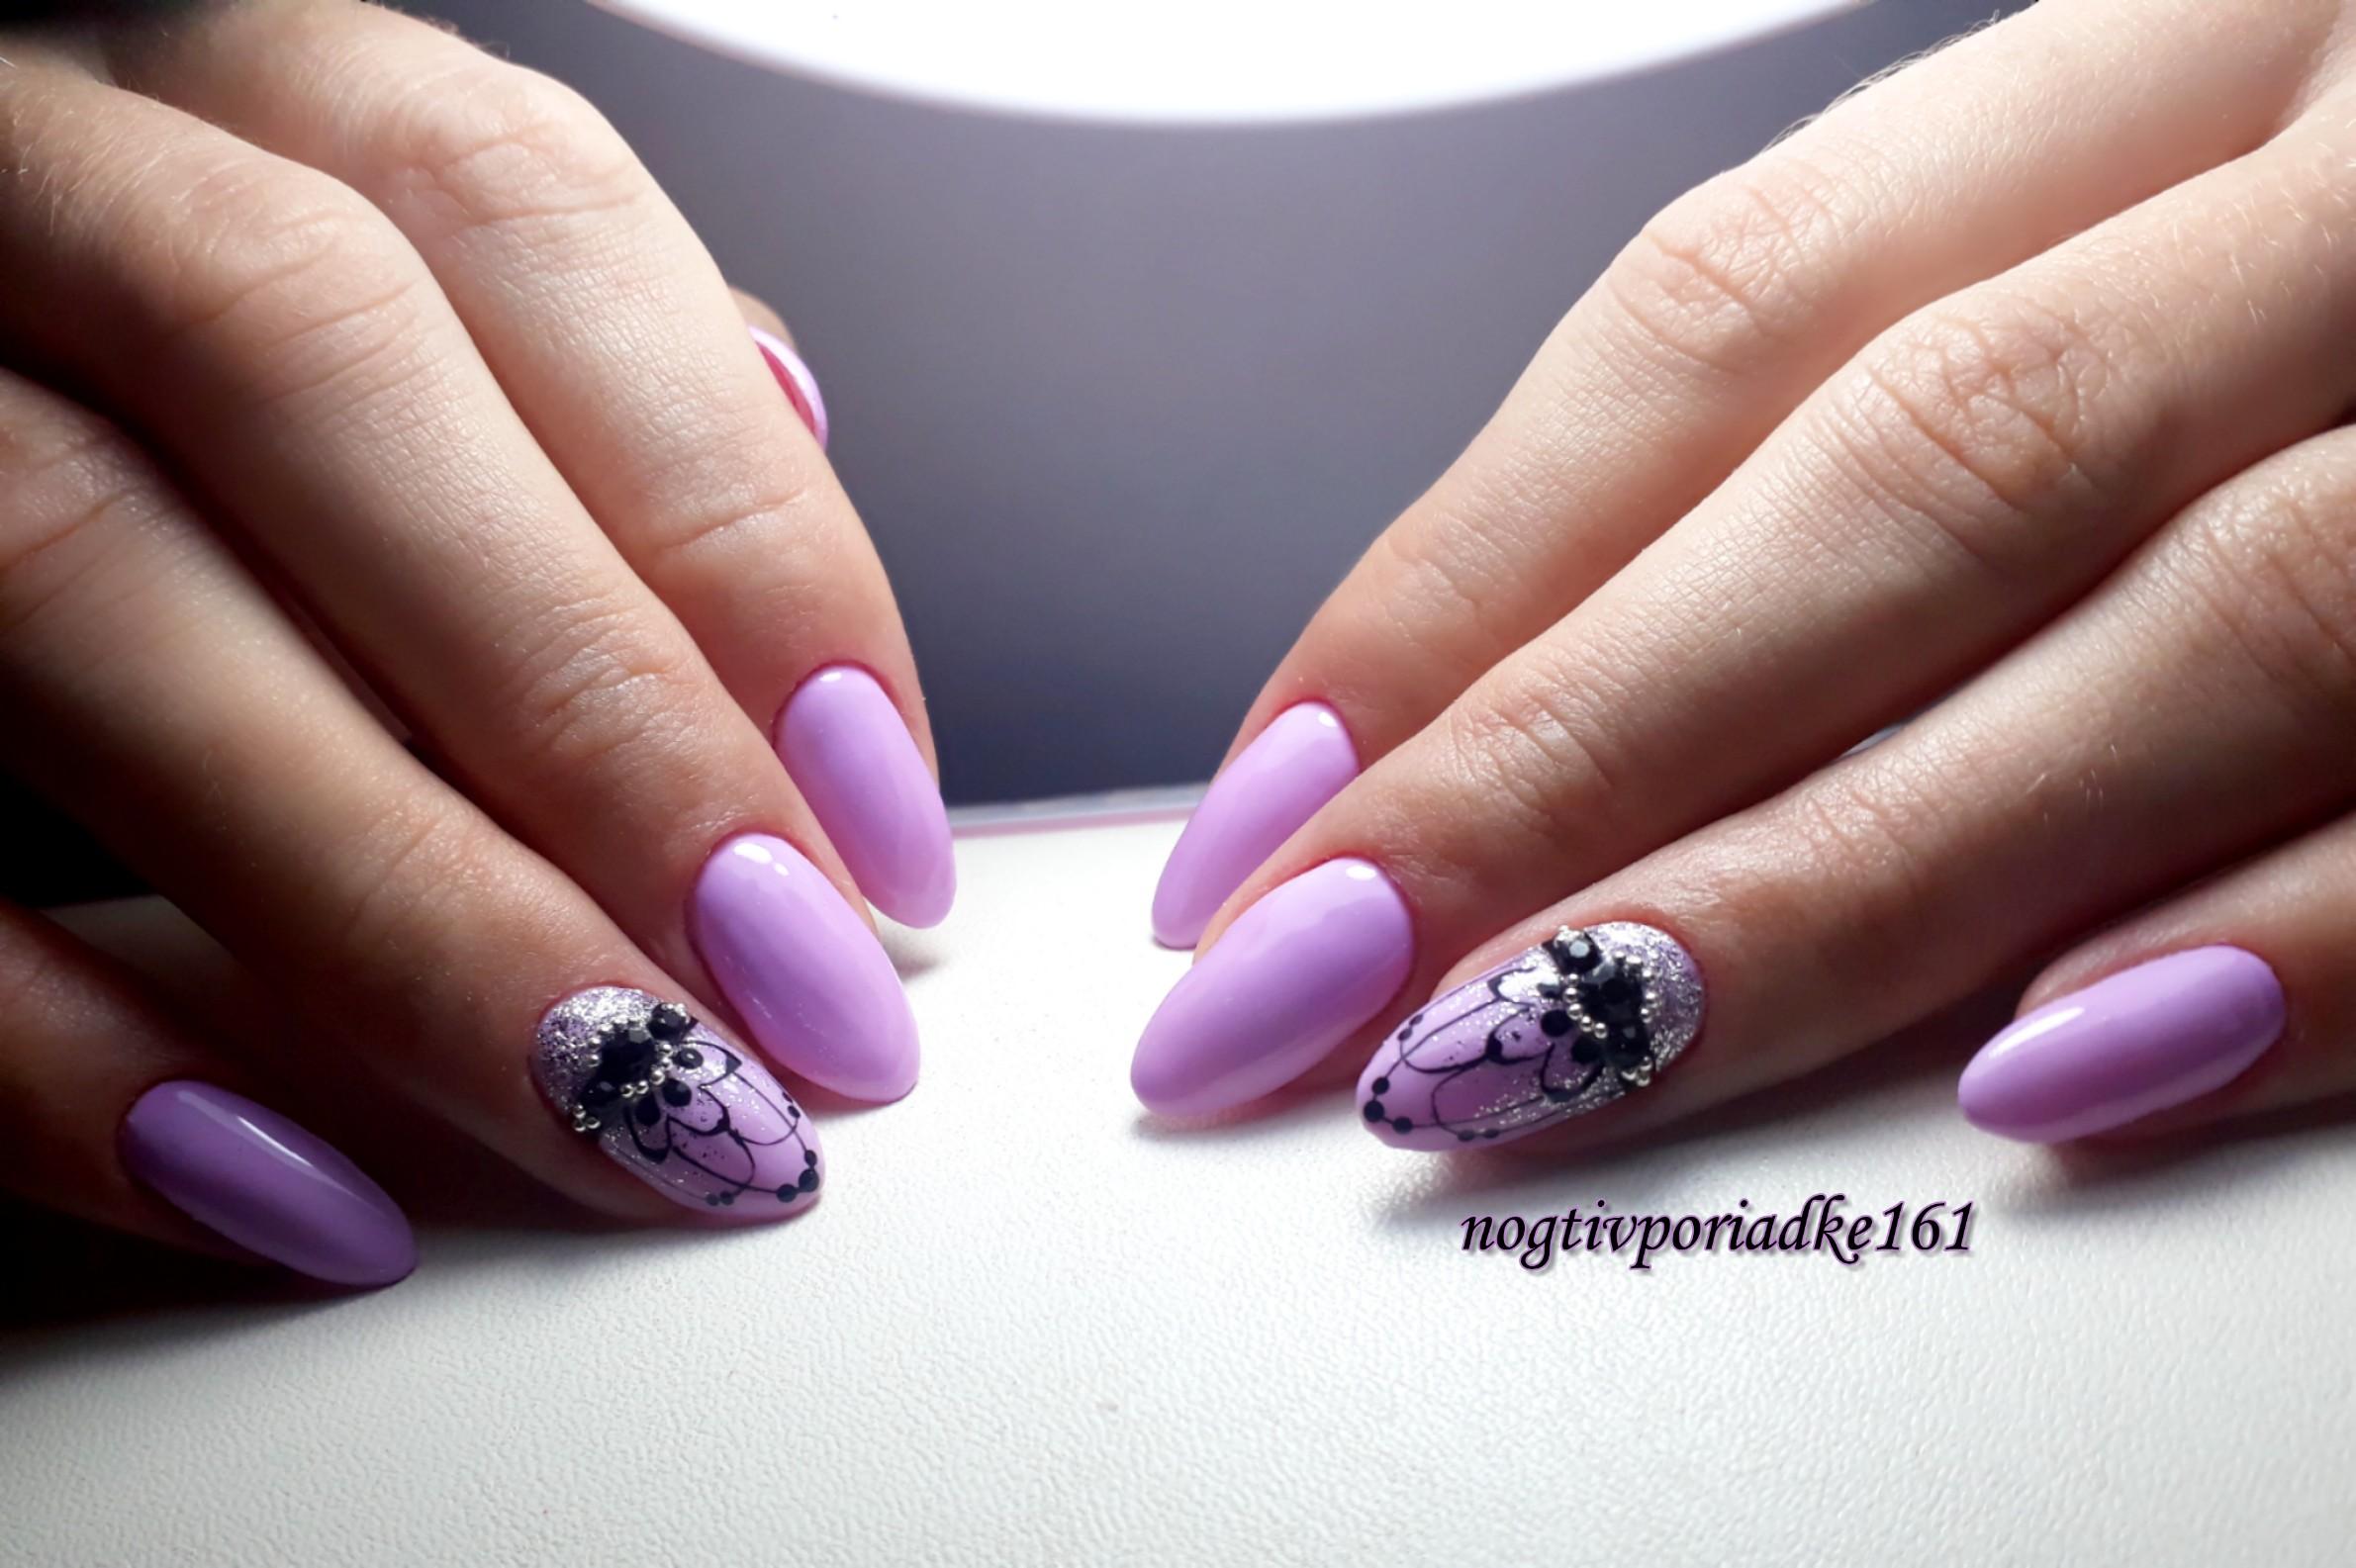 Маникюр с этническим рисунком и стразами в сиреневом цвете на длинные ногти.